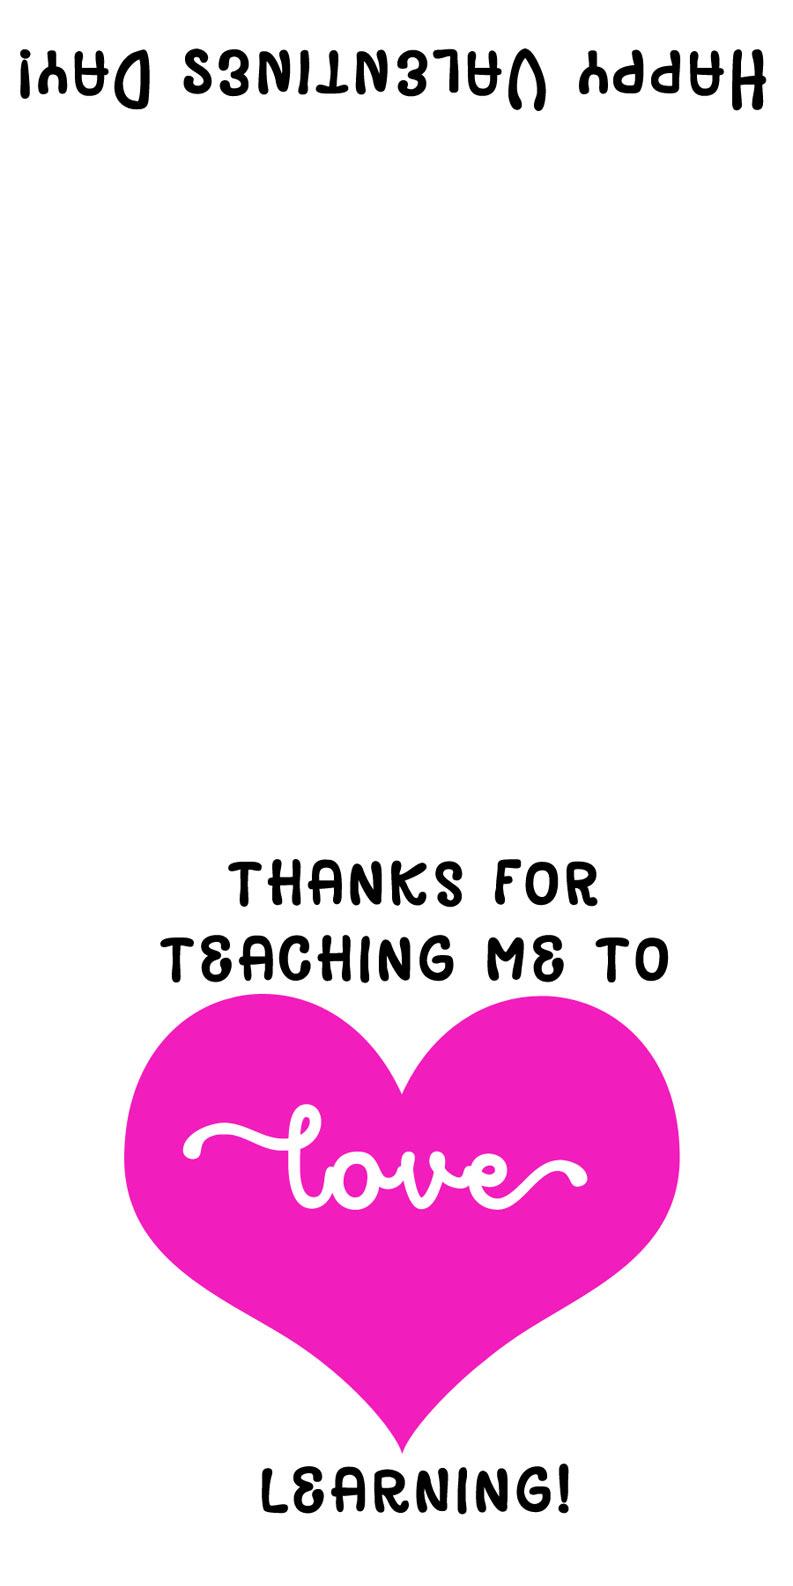 http://makingtheworldcuter.com/wp-content/uploads/2016/02/teacher-Valentine.jpg